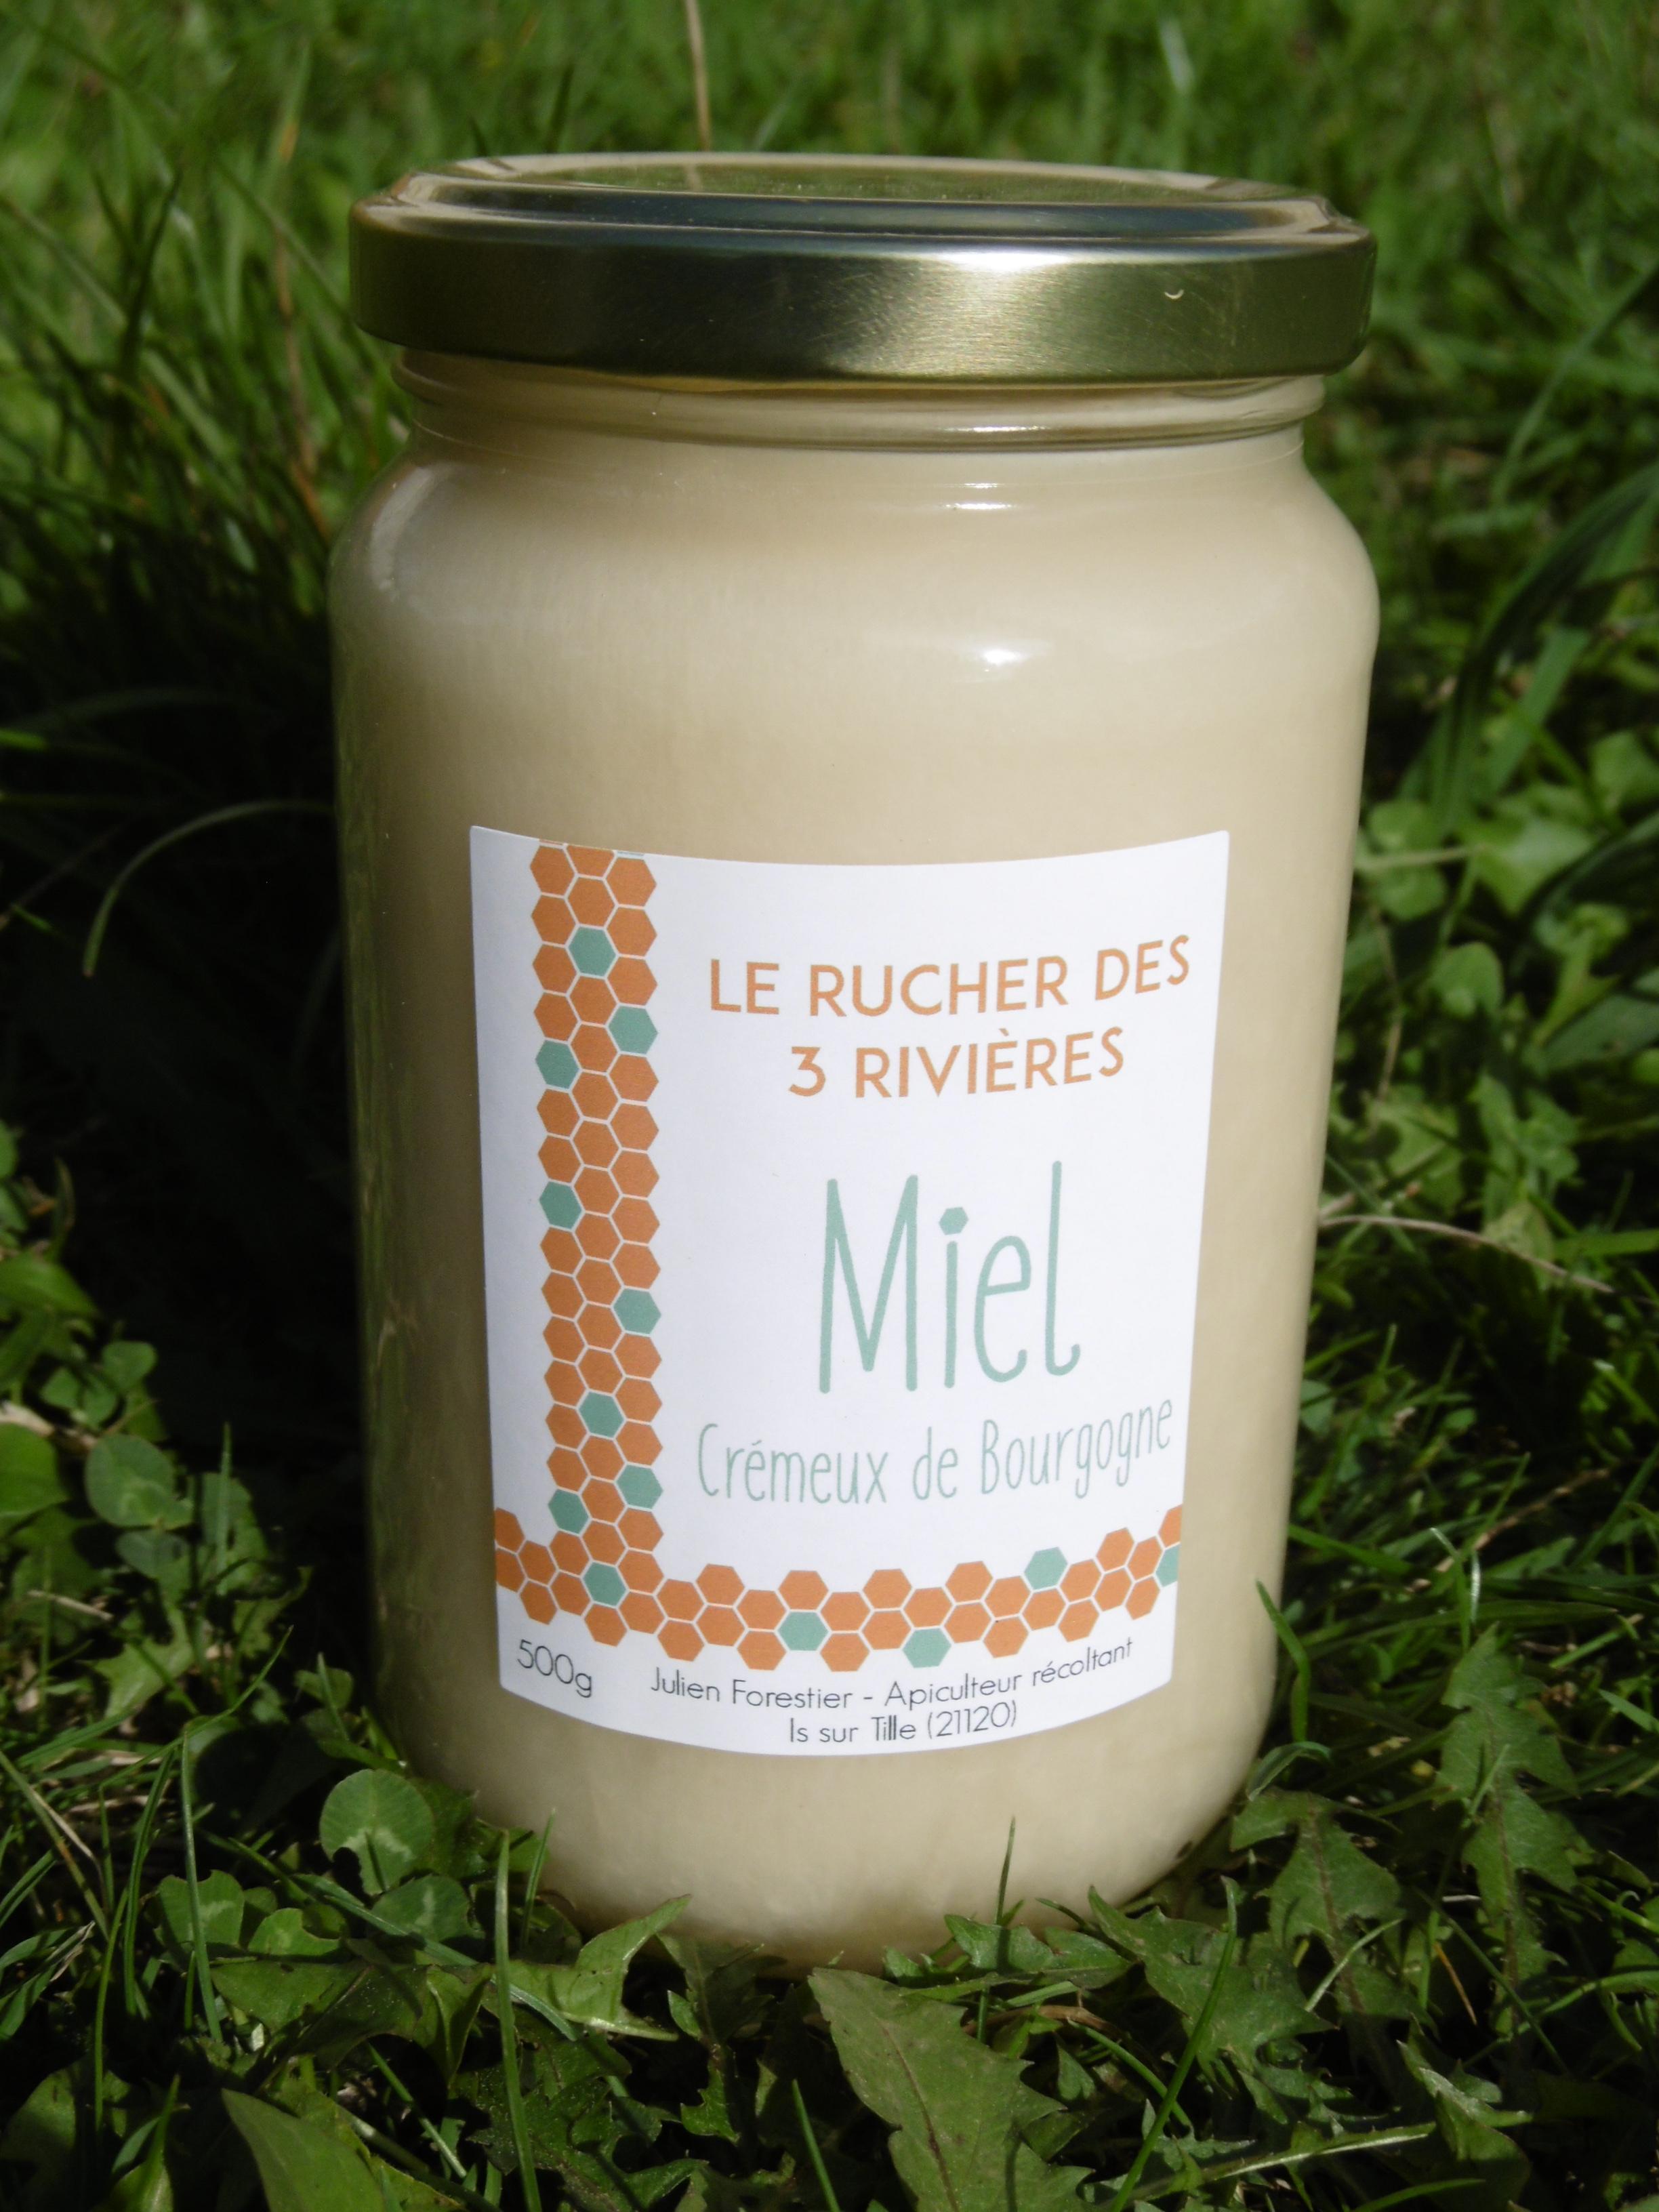 Miel crémeux de Bourgogne